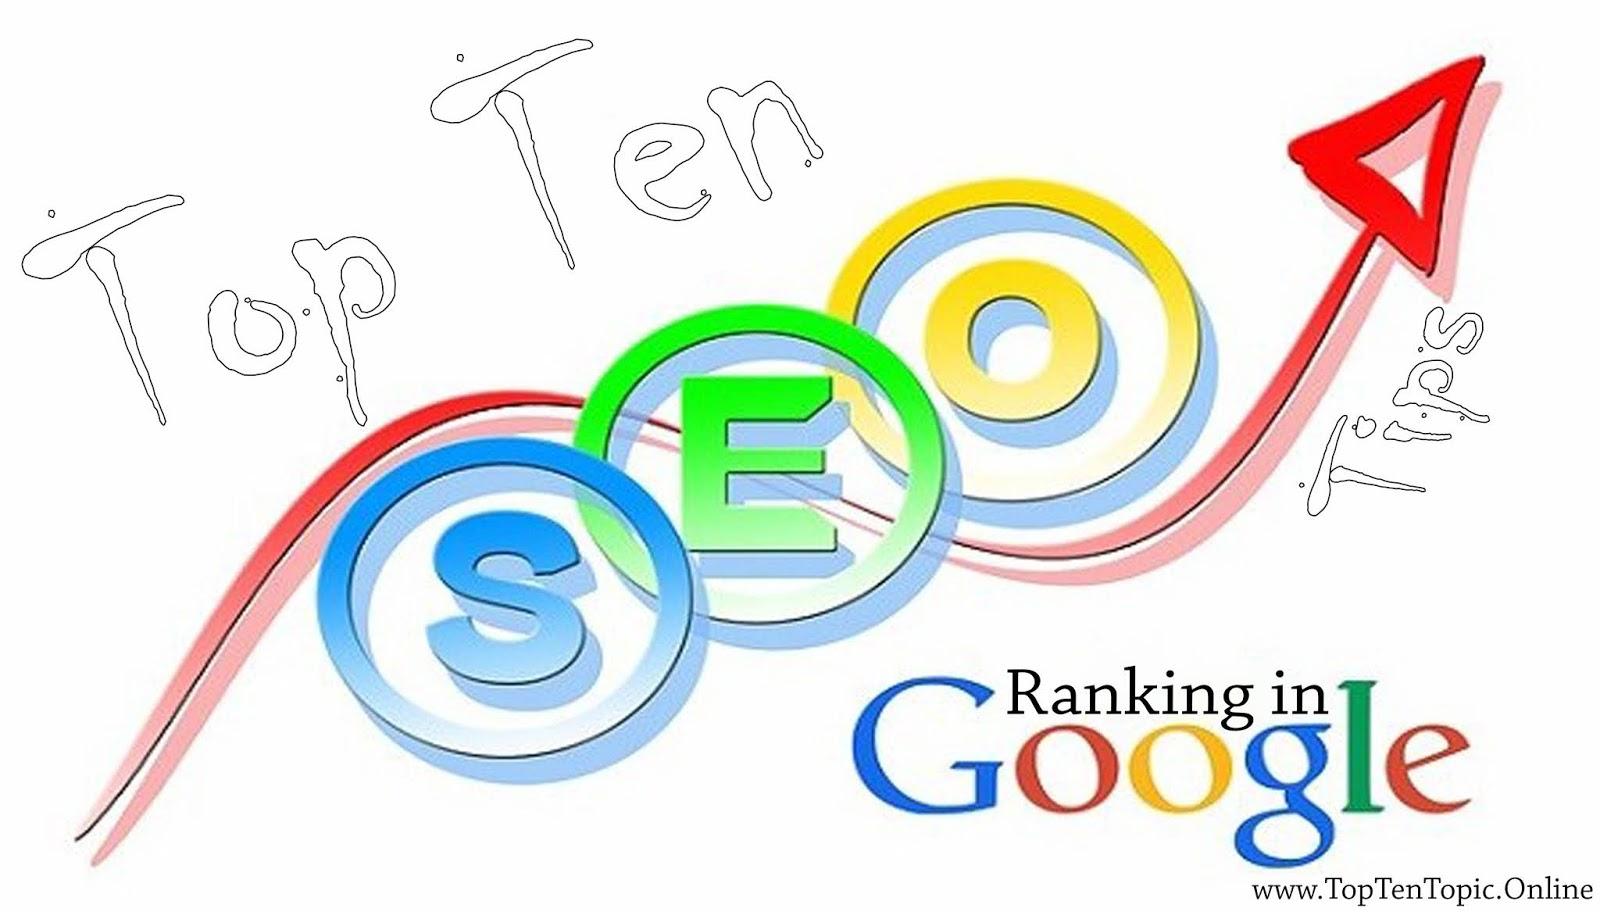 SEO Tips for Better Ranking in Google